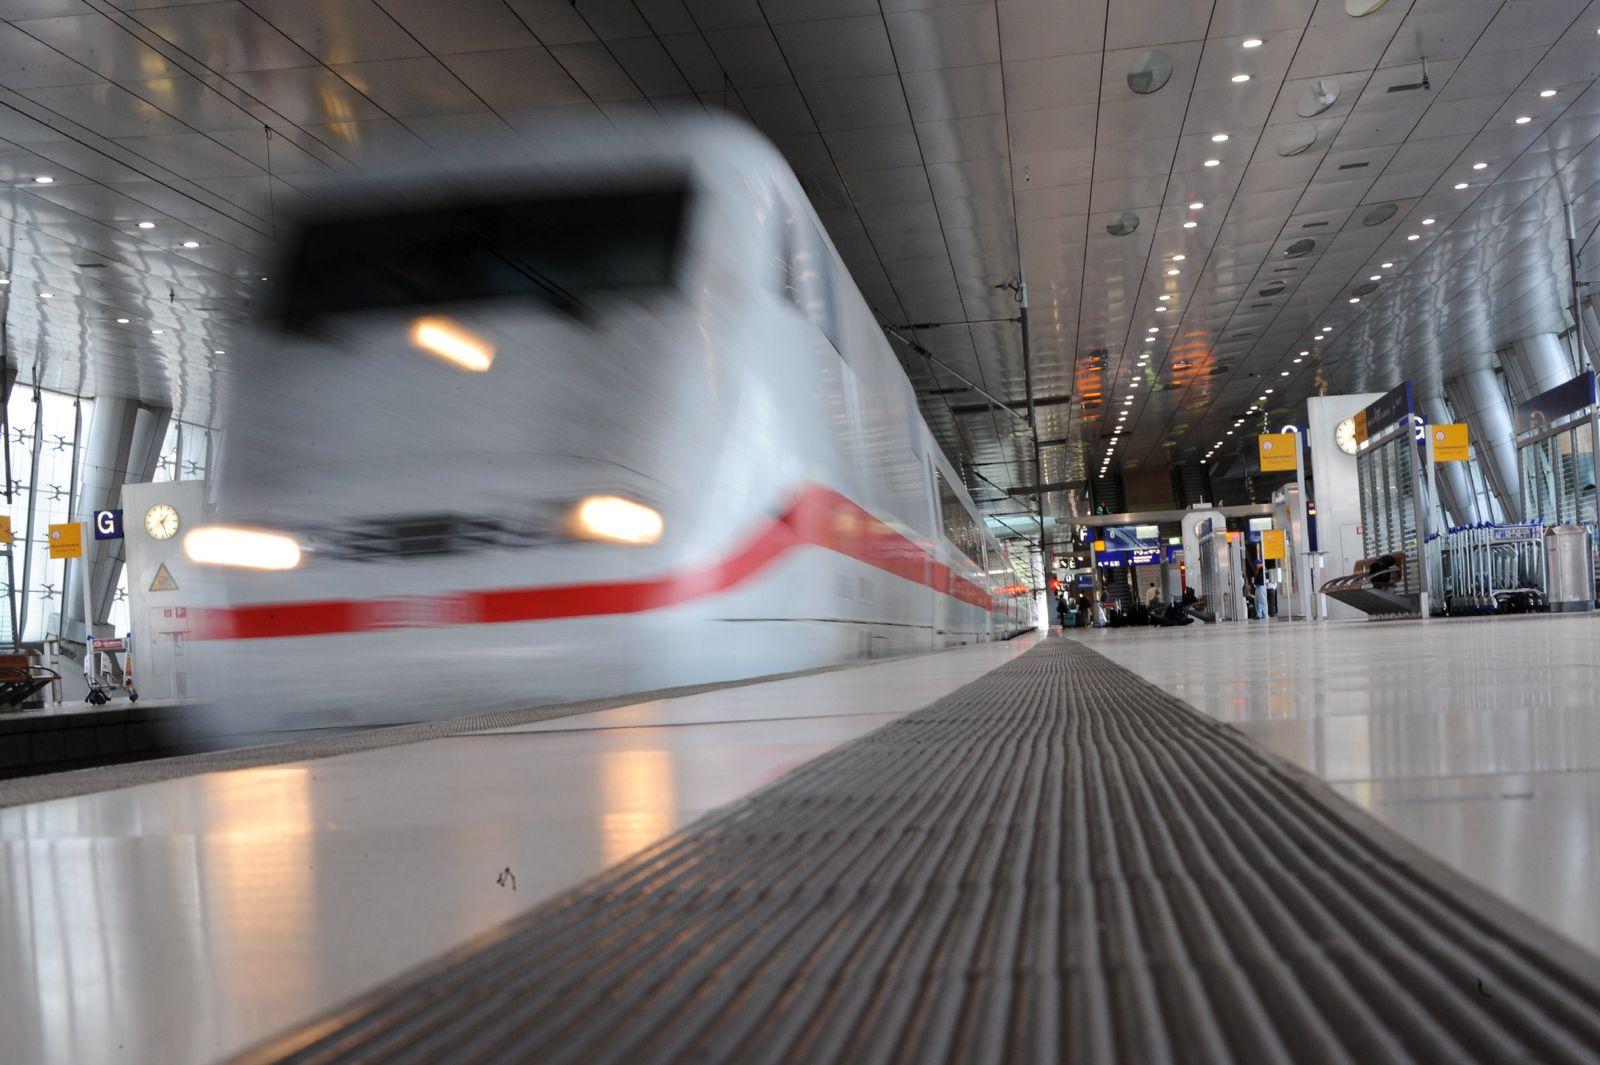 10 Jahre ICE-Bahnhof am Frankfurter Flughafen